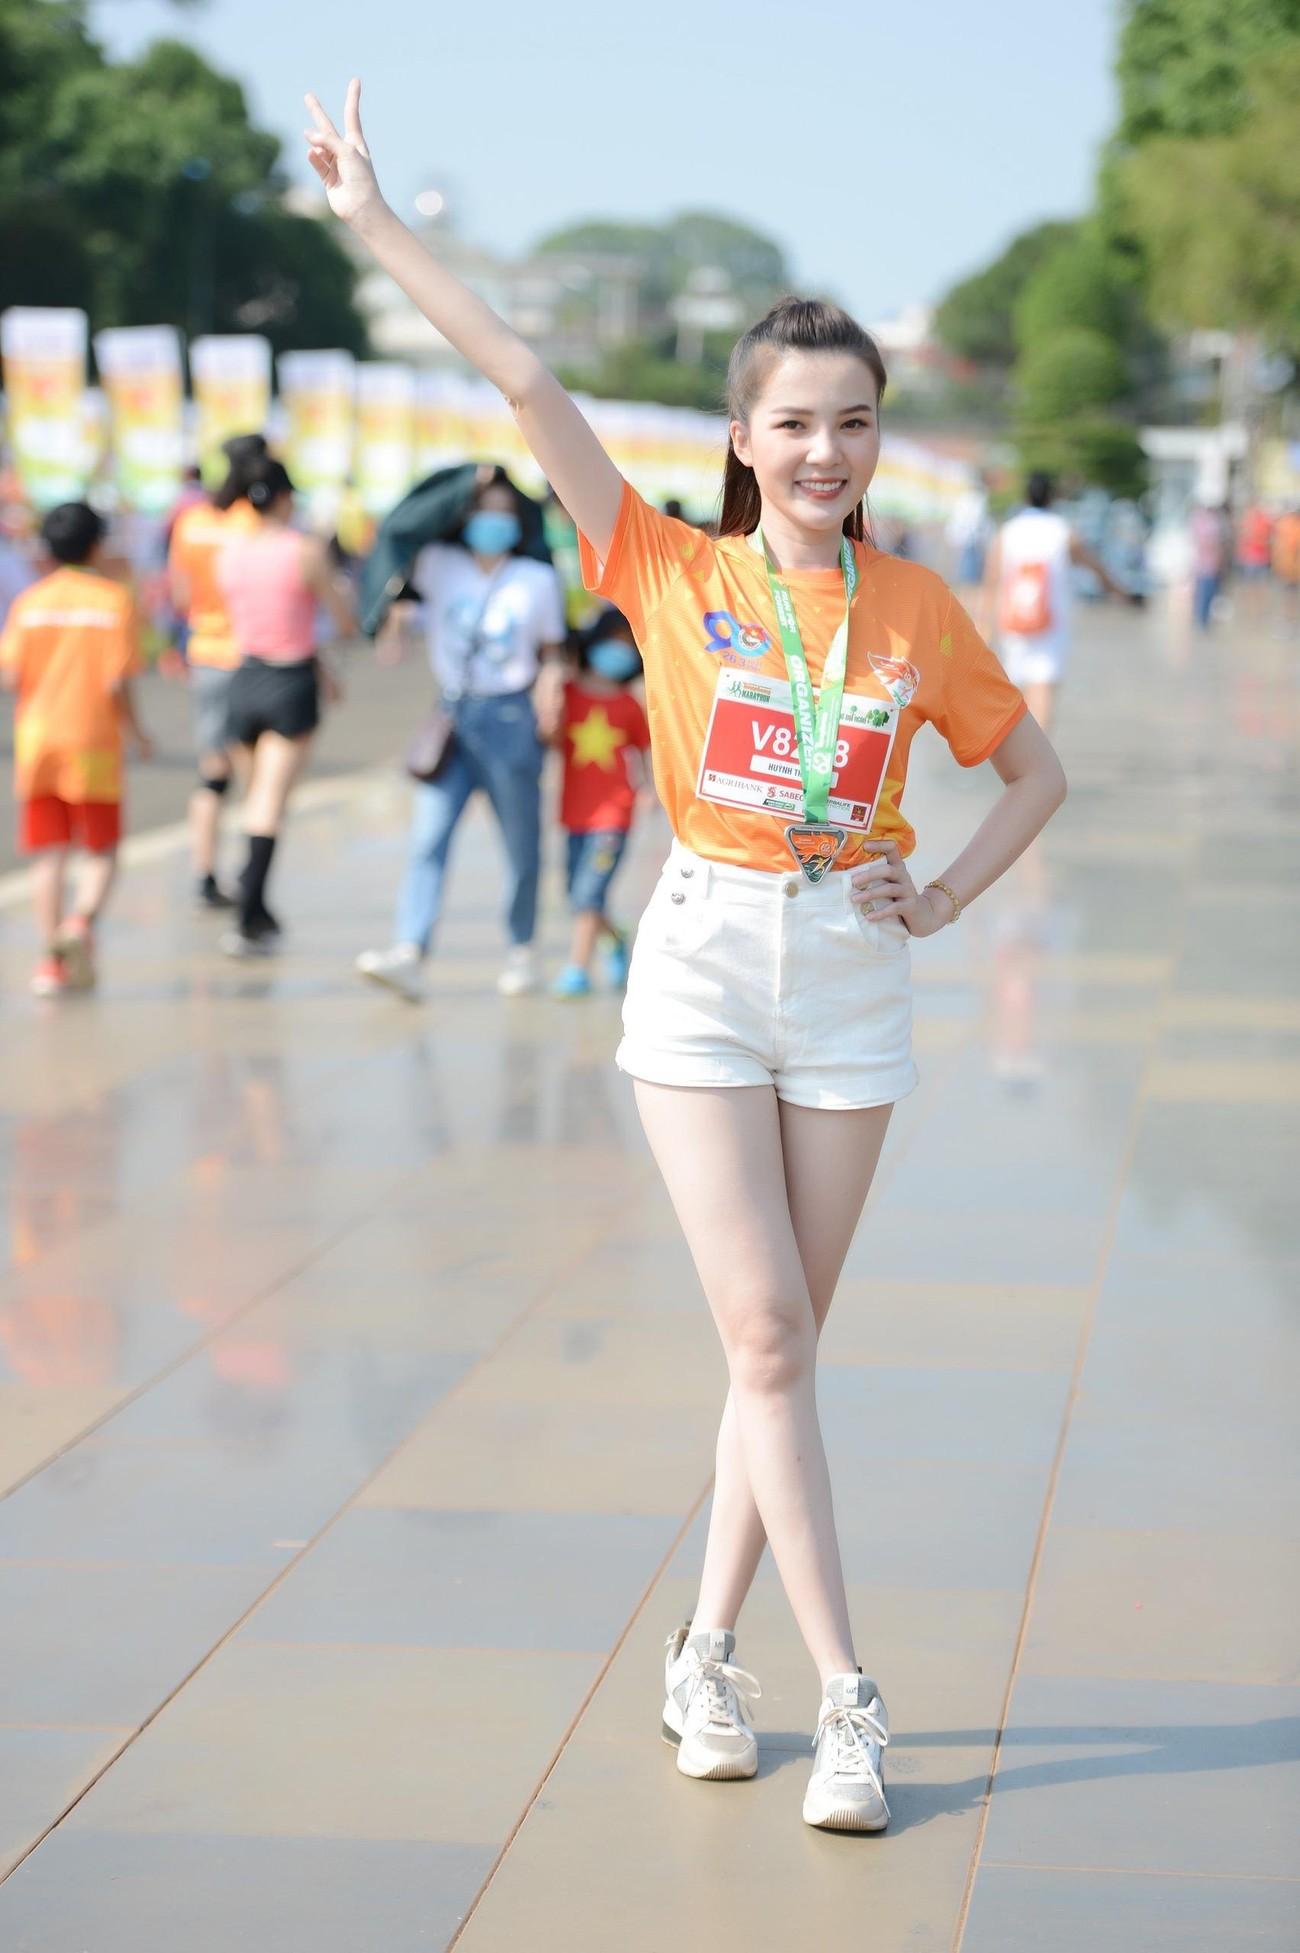 Hoa hậu Trần Tiểu Vy đẹp gây mê trên đường chạy Tiền phong Marathon ảnh 27